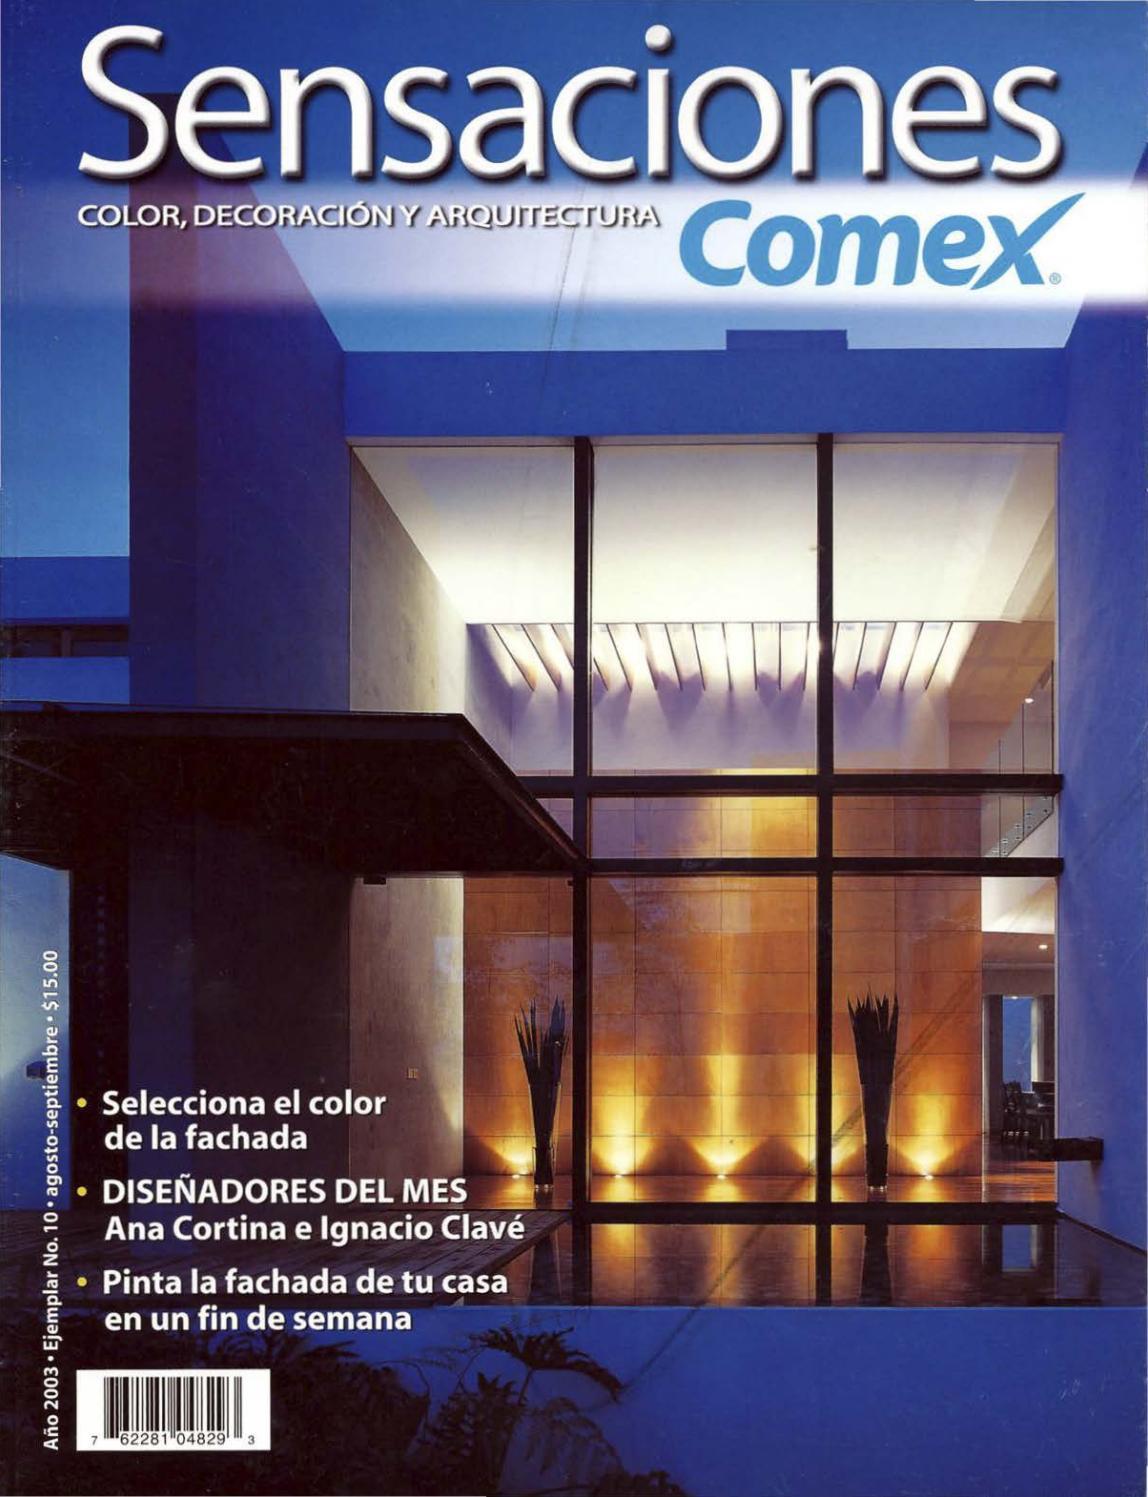 Placa met/álica Decorativa dise/ño con n/úmero 15 de casa FS Emaille 12 x 14 cm Color Blanco y Negro